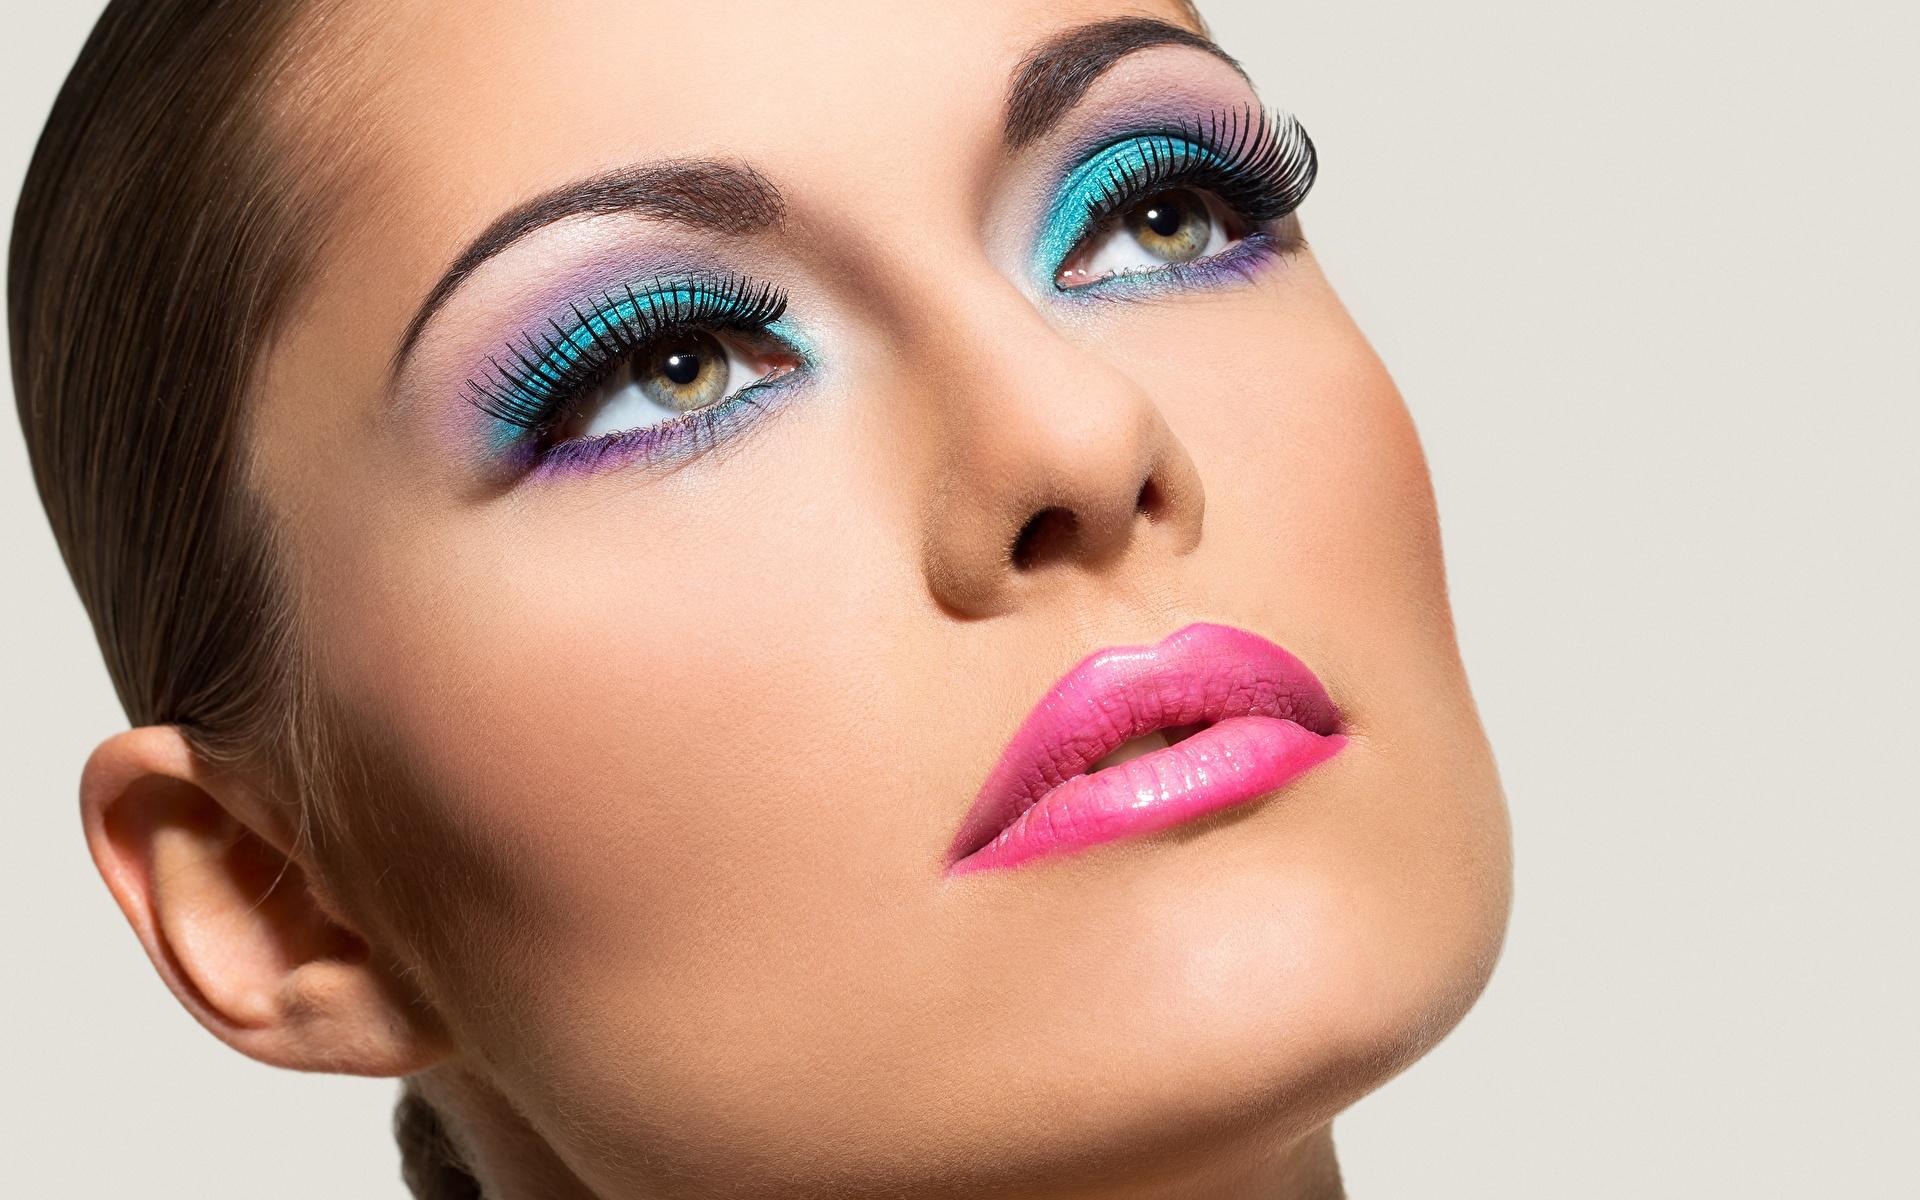 Fotos von Model Schminke Gesicht Mädchens Blick 1920x1200 Make Up junge frau junge Frauen Starren